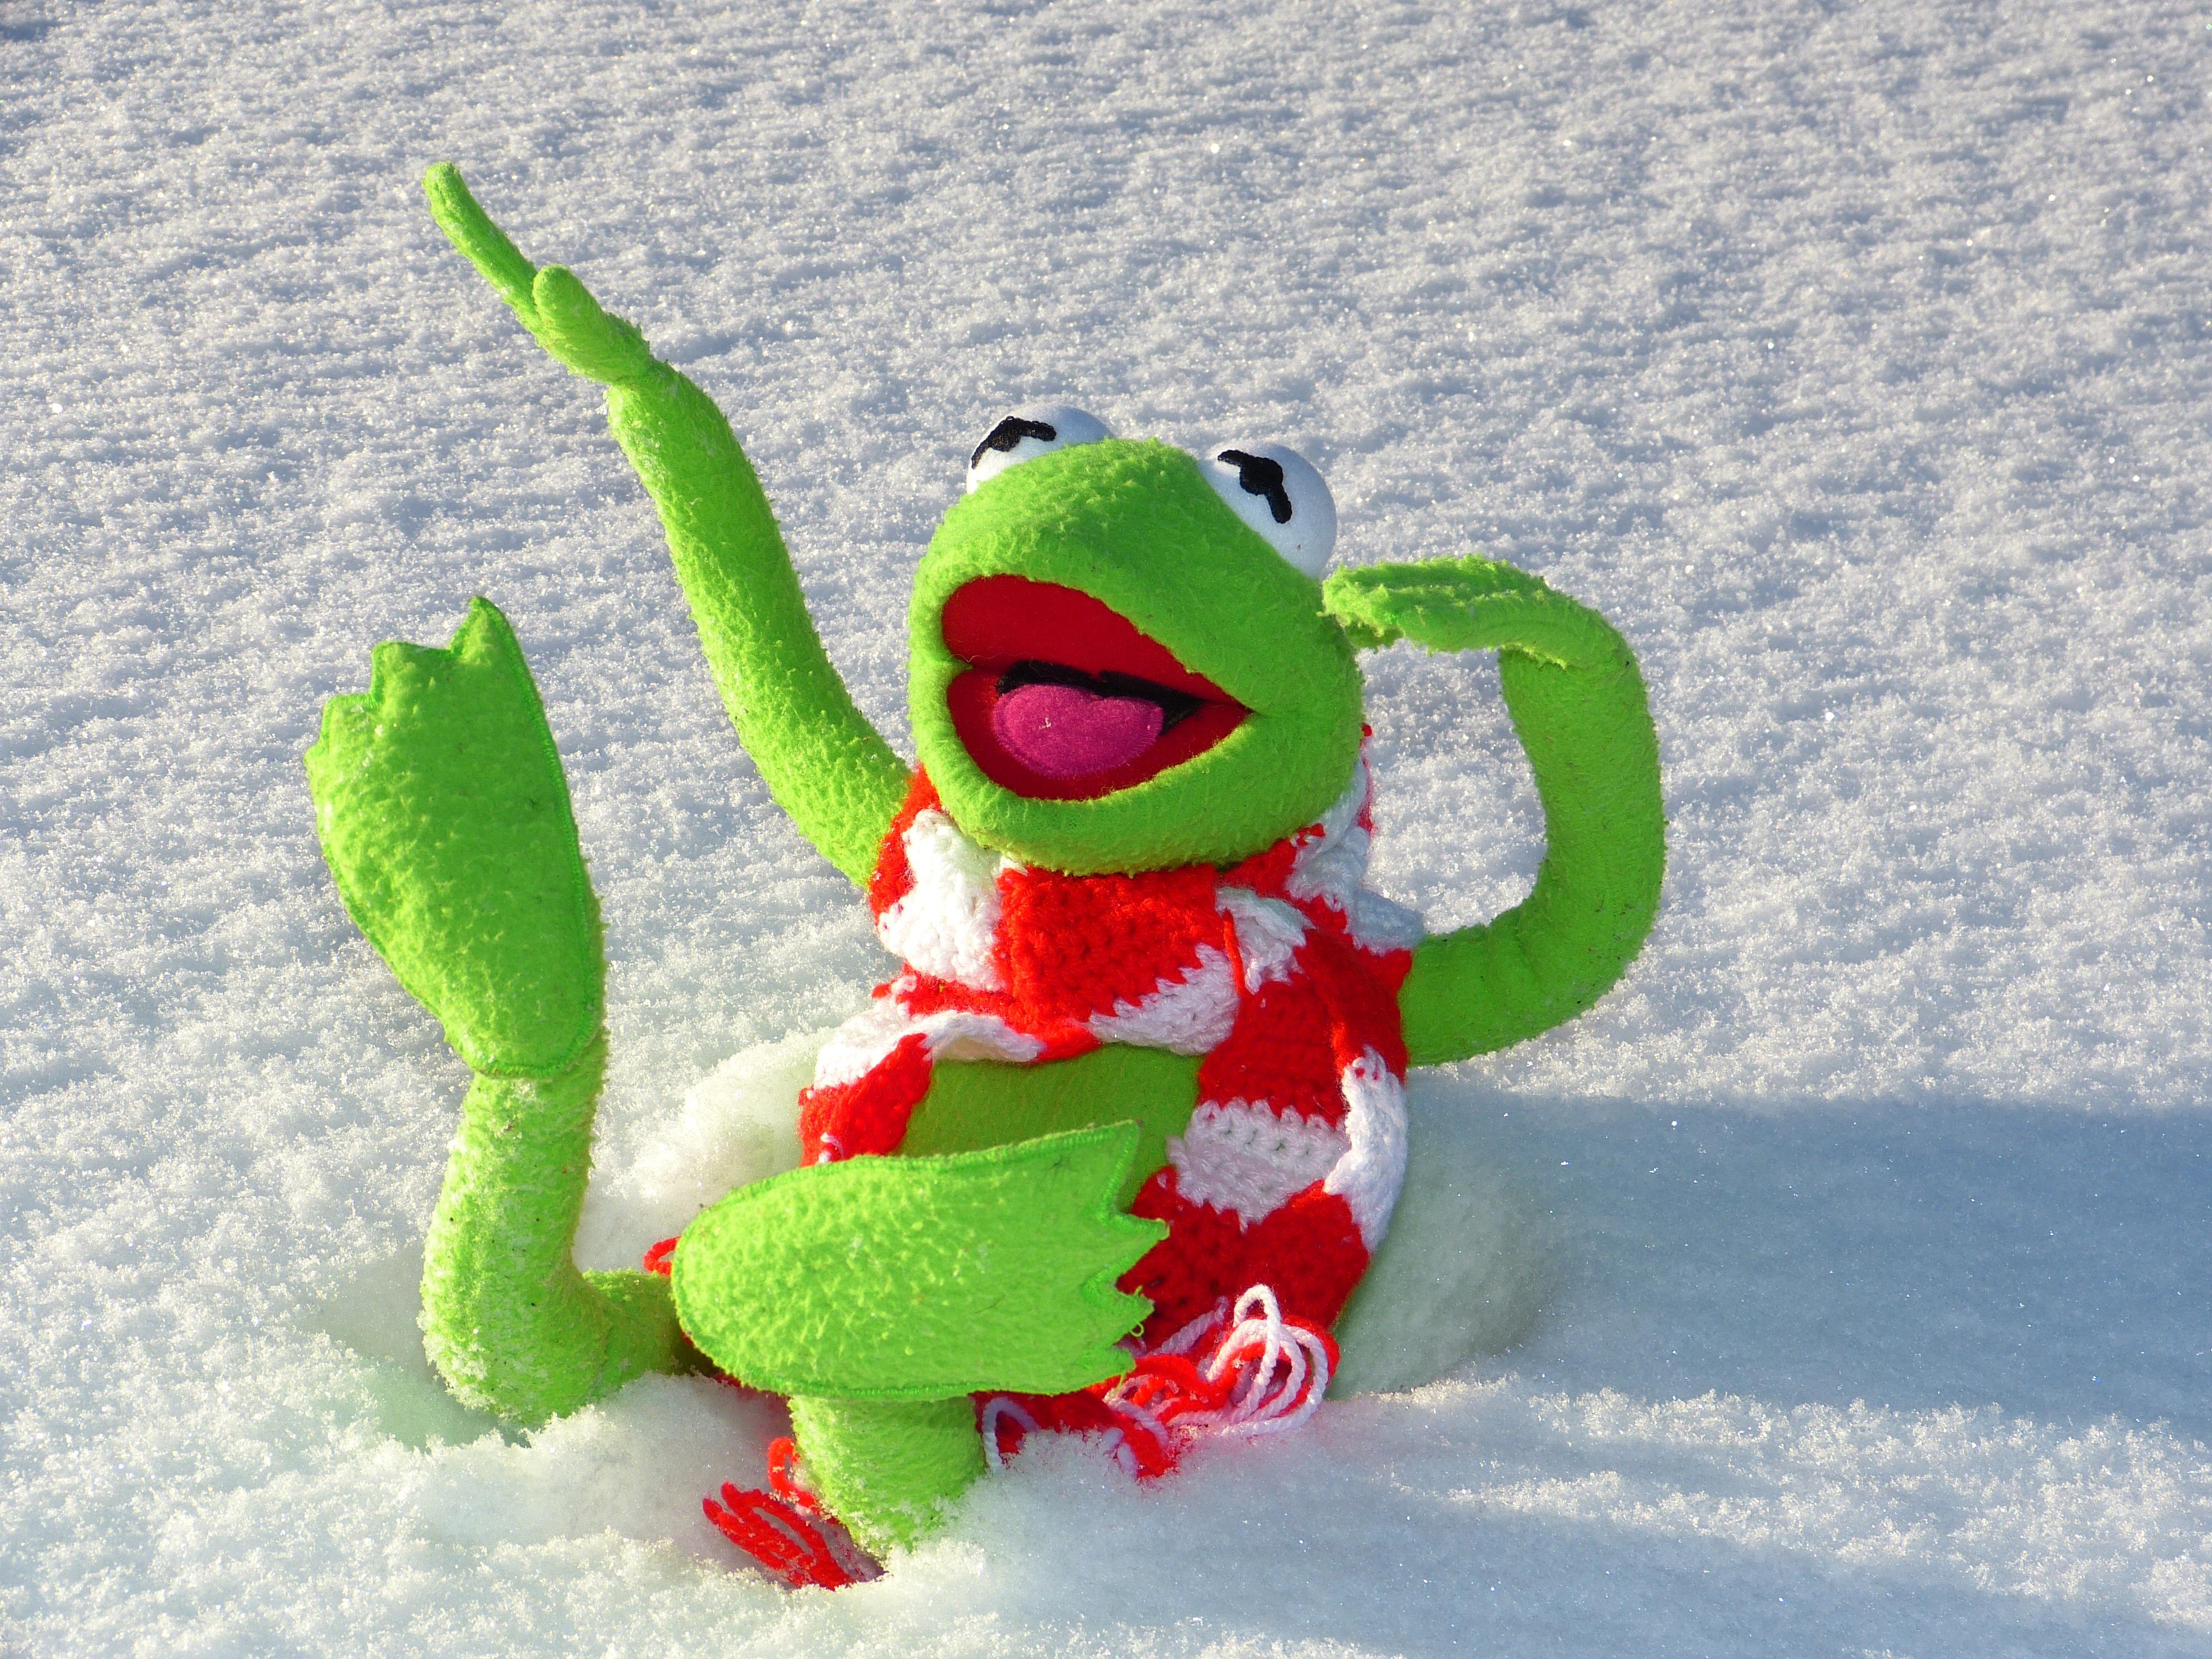 Fotos gratis : nieve, frío, invierno, verde, rana, anfibio, juguete ...